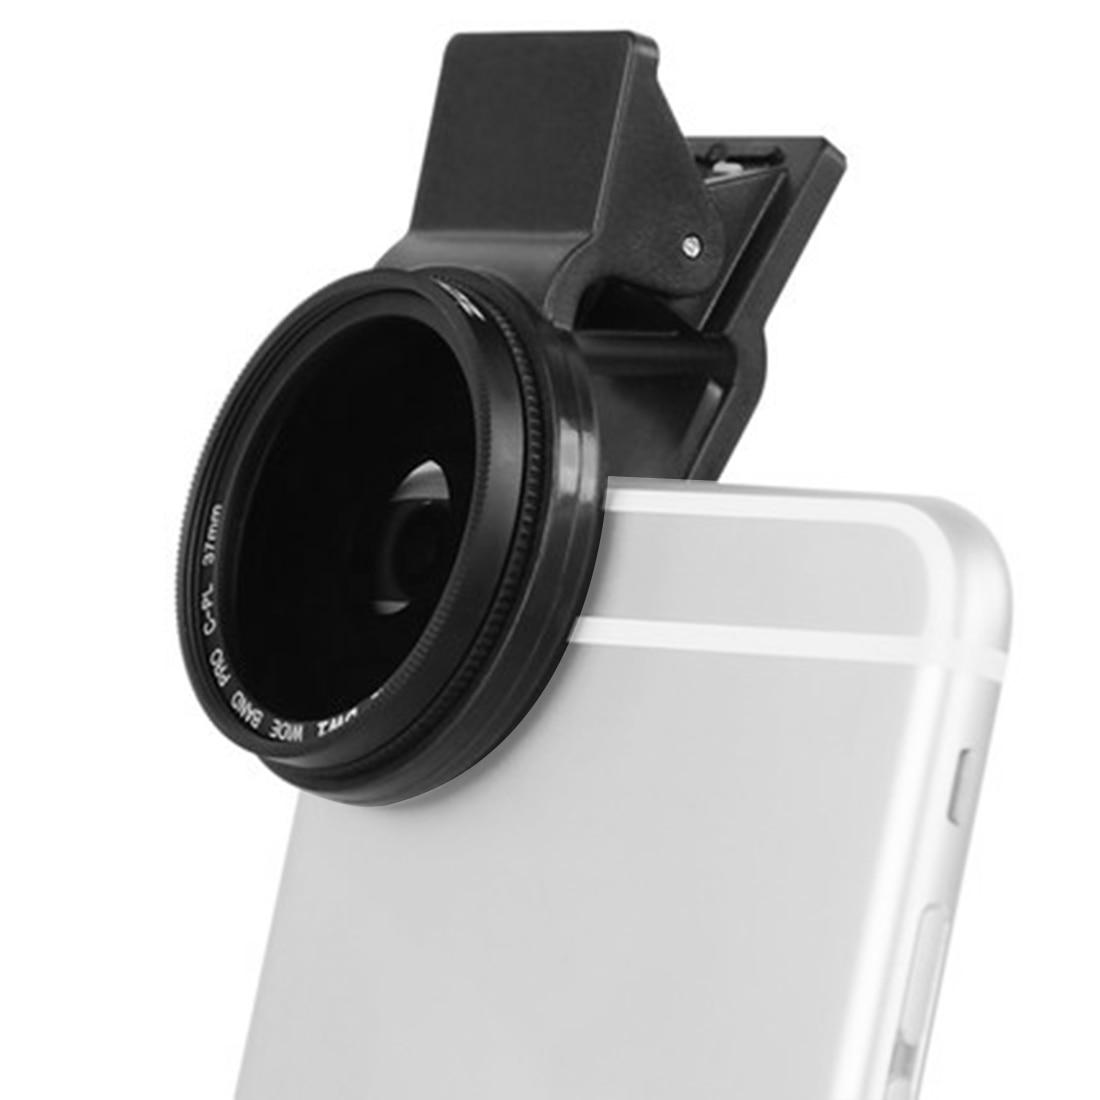 Respectivamente 37 MM profesional cámara de teléfono Polarizador Circular CPL lente para iPhone 6 S 6 más 7 6 S más Samsung Galaxy Huawei HTC windows Android